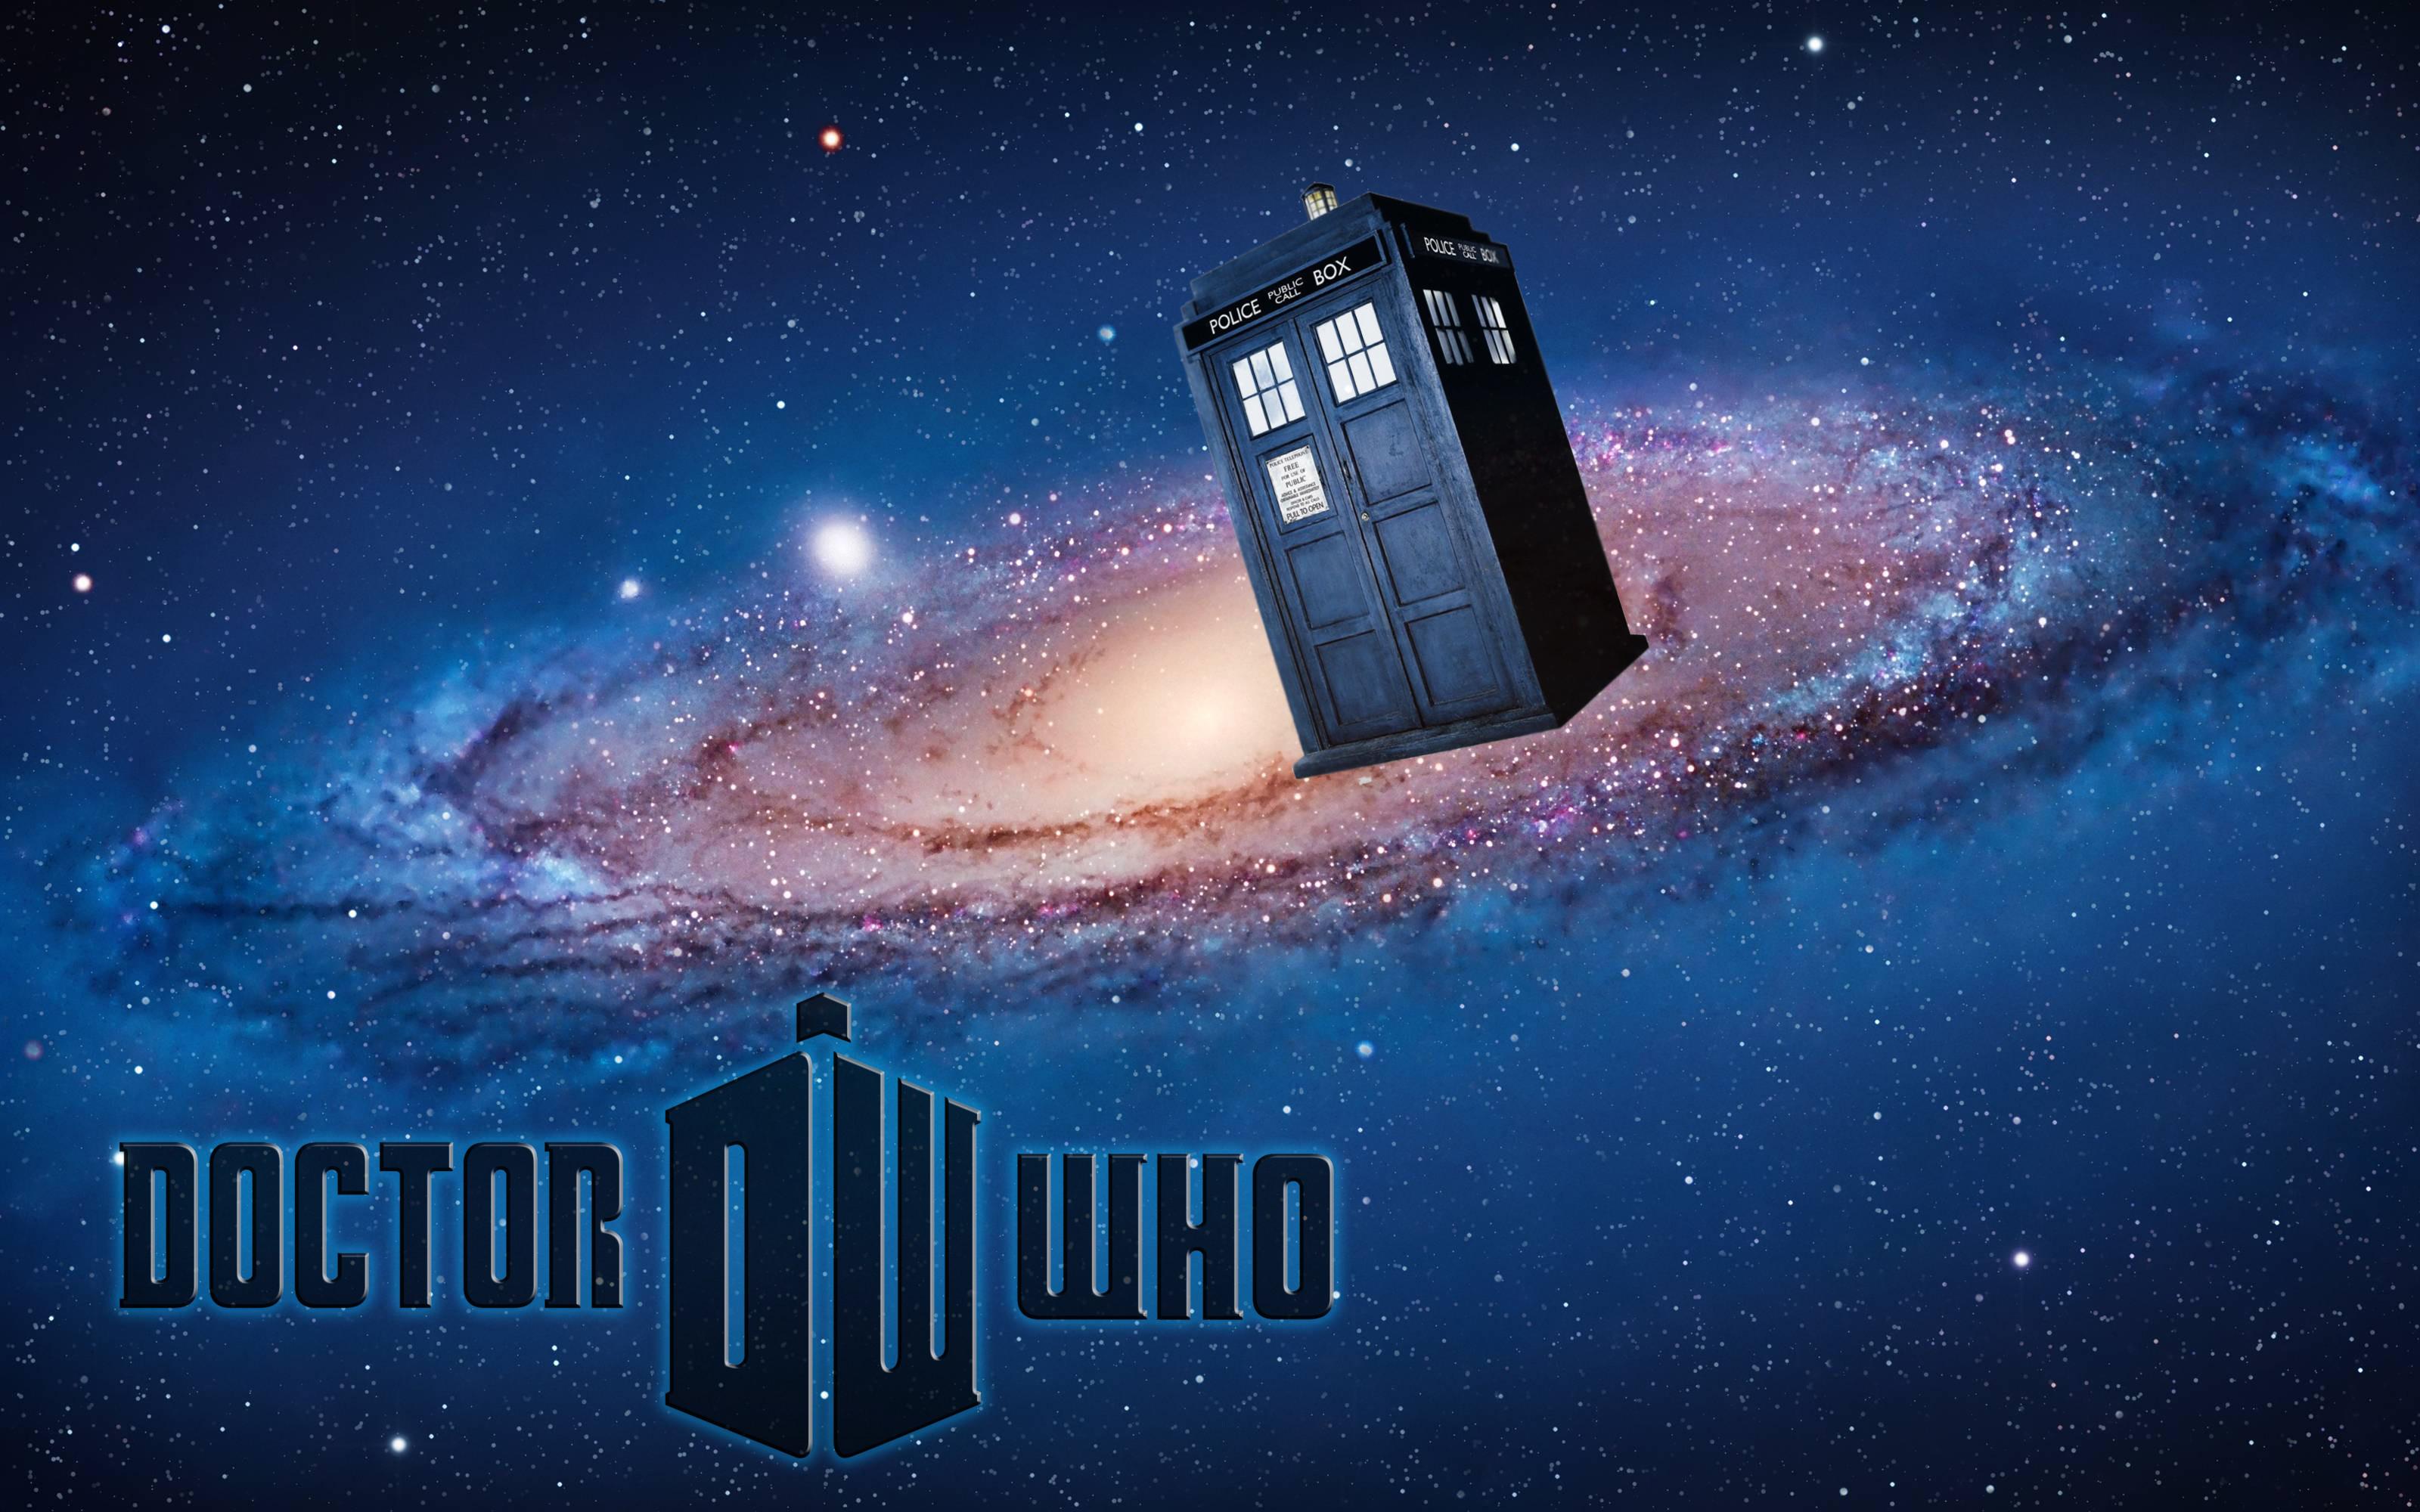 … doctor who phone wallpaper wallpapersafari …